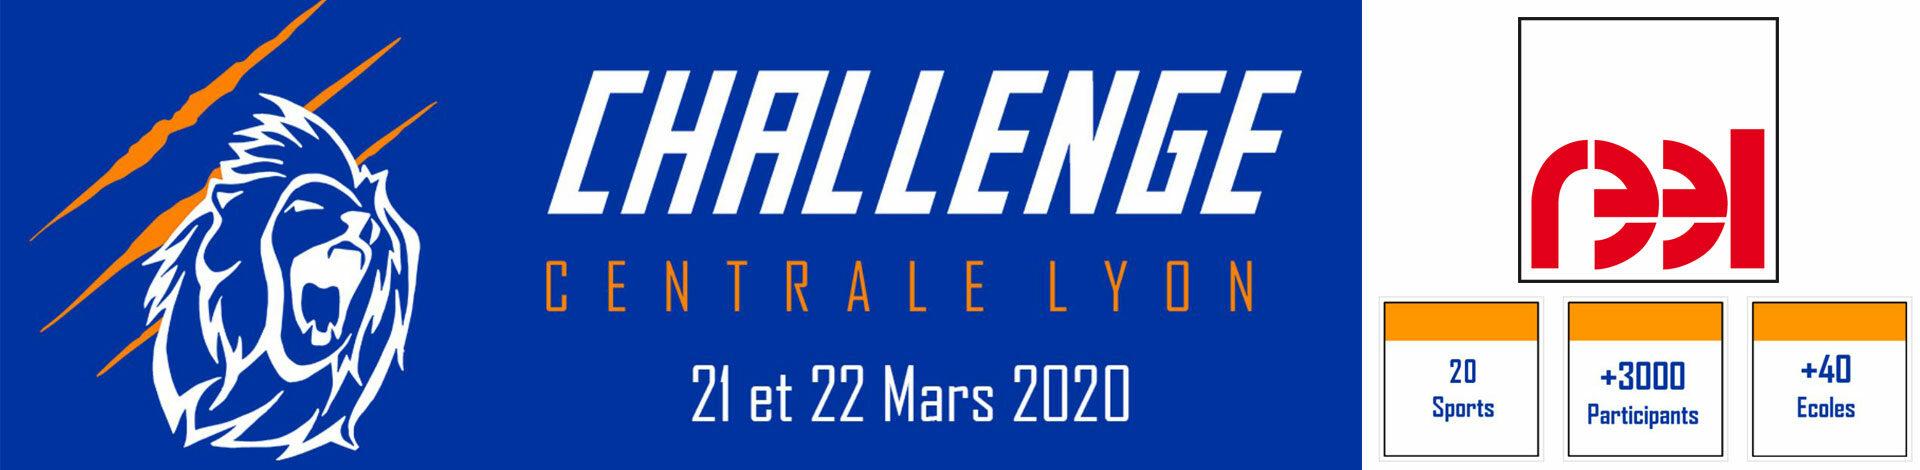 challenge centrale lyon